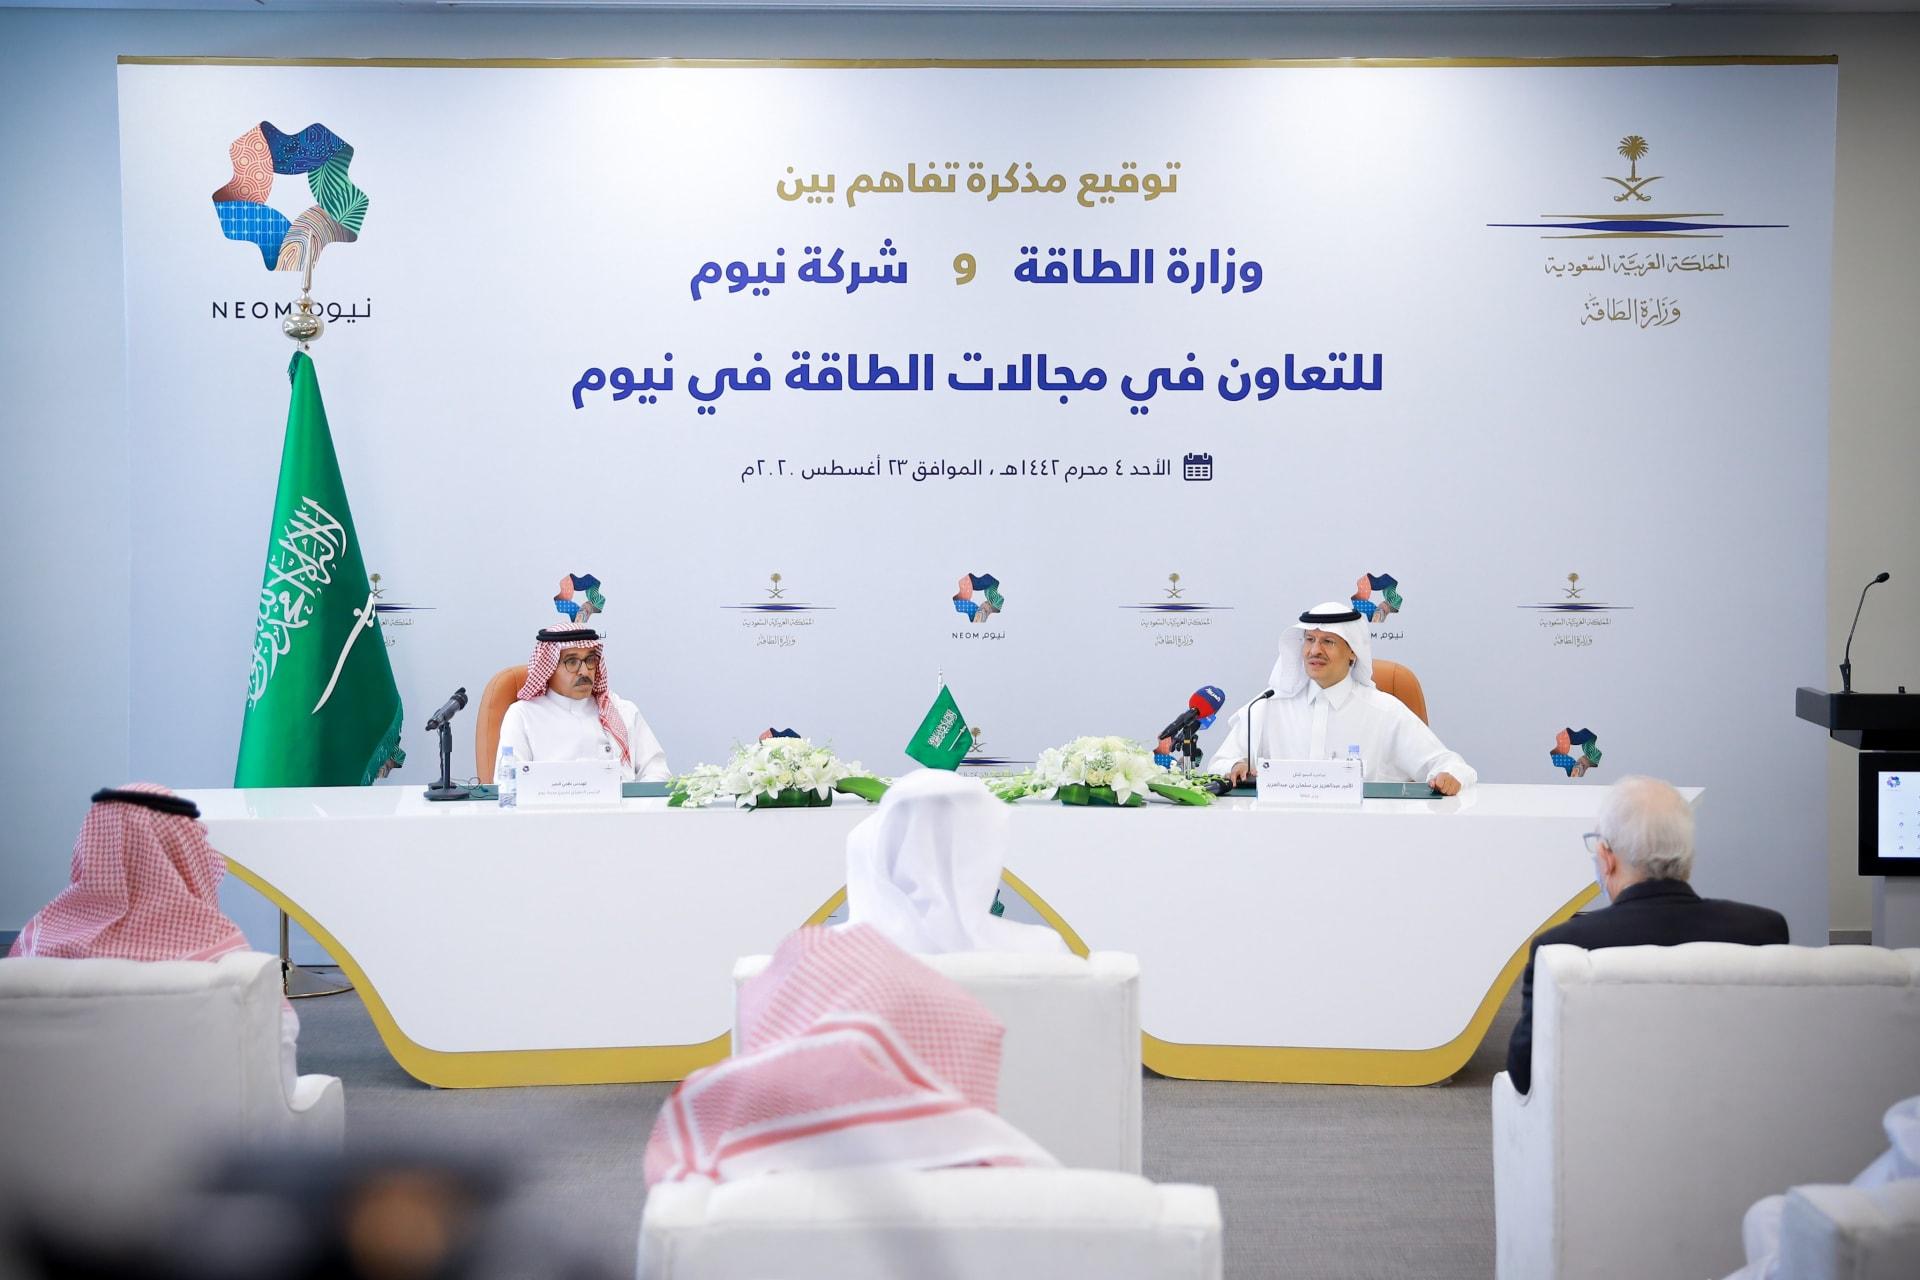 """وزارة الطاقة السعودية وشركة """"نيوم"""" توقعان على مذكرة تفاهم للعمل في مجال الطاقة.. هذه تفاصيلها"""